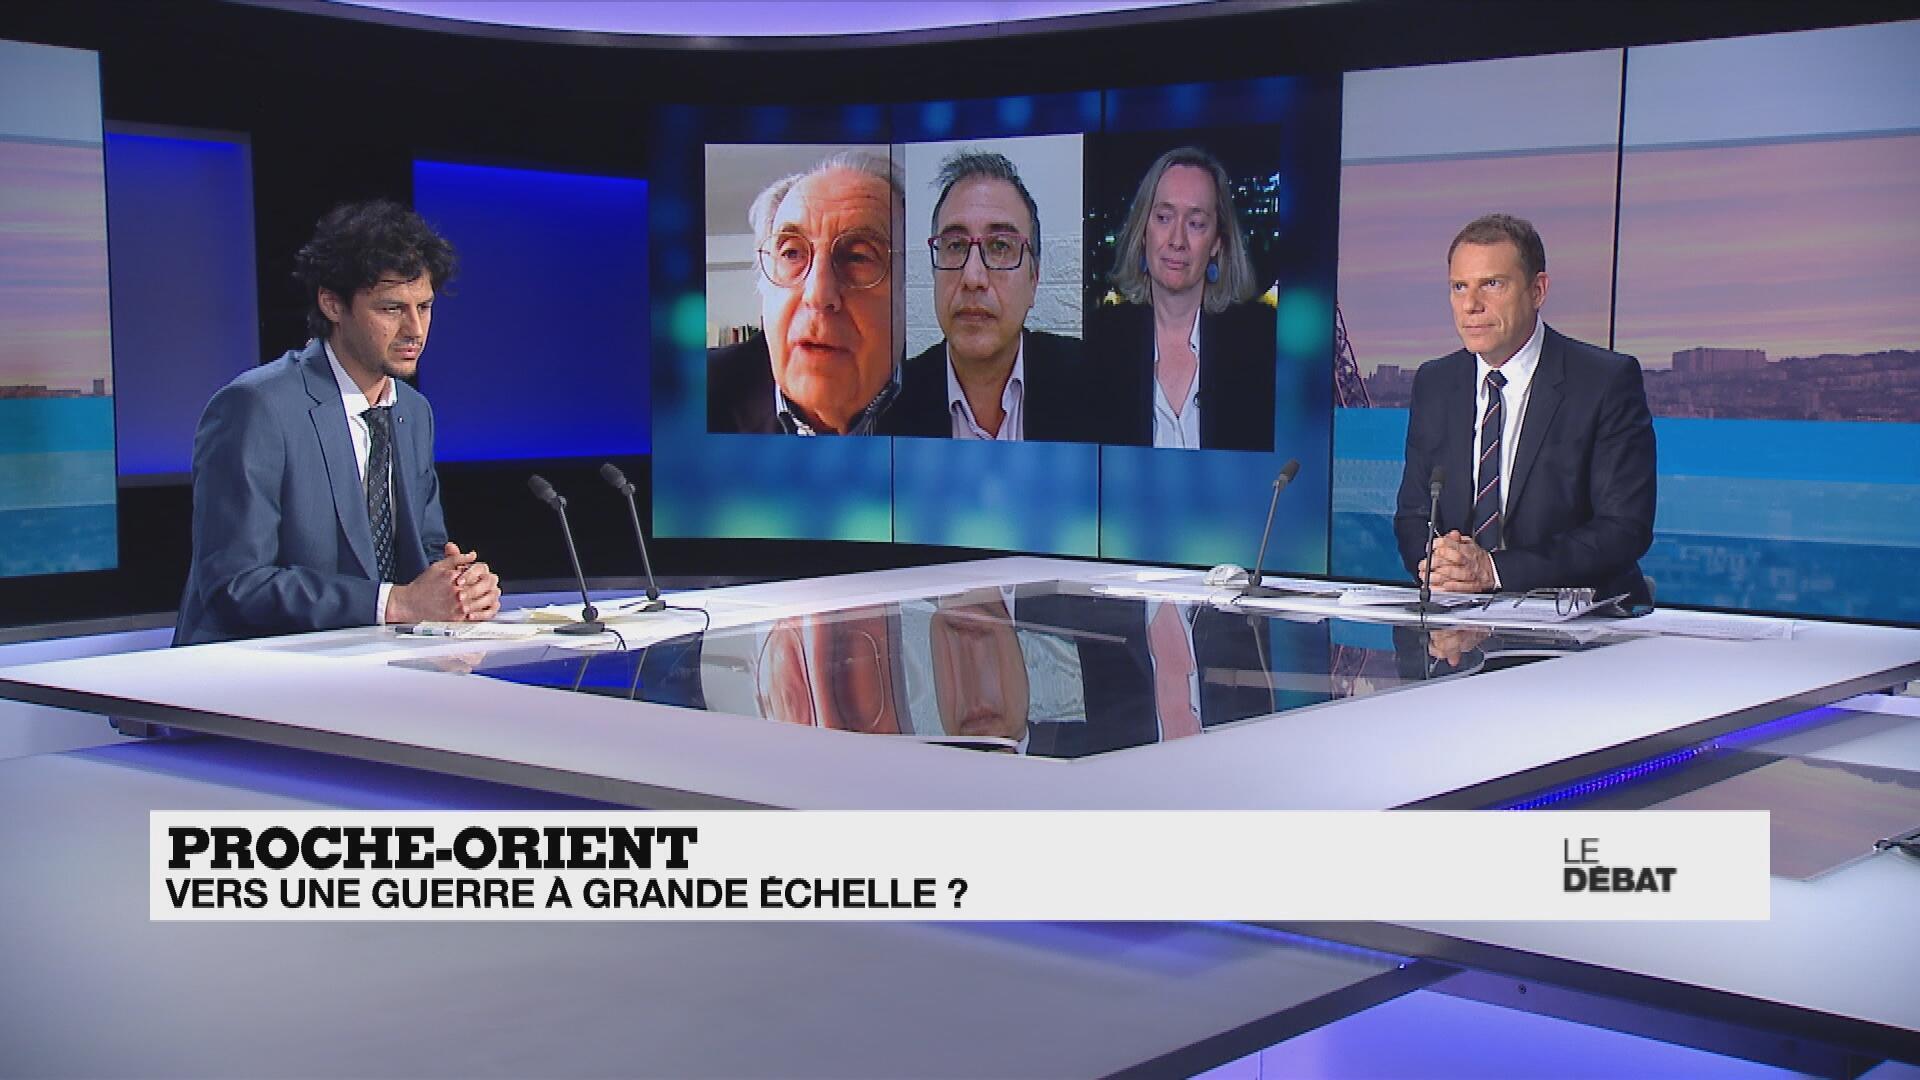 Le Débat de France 24 - mercredi 12 mai 2021